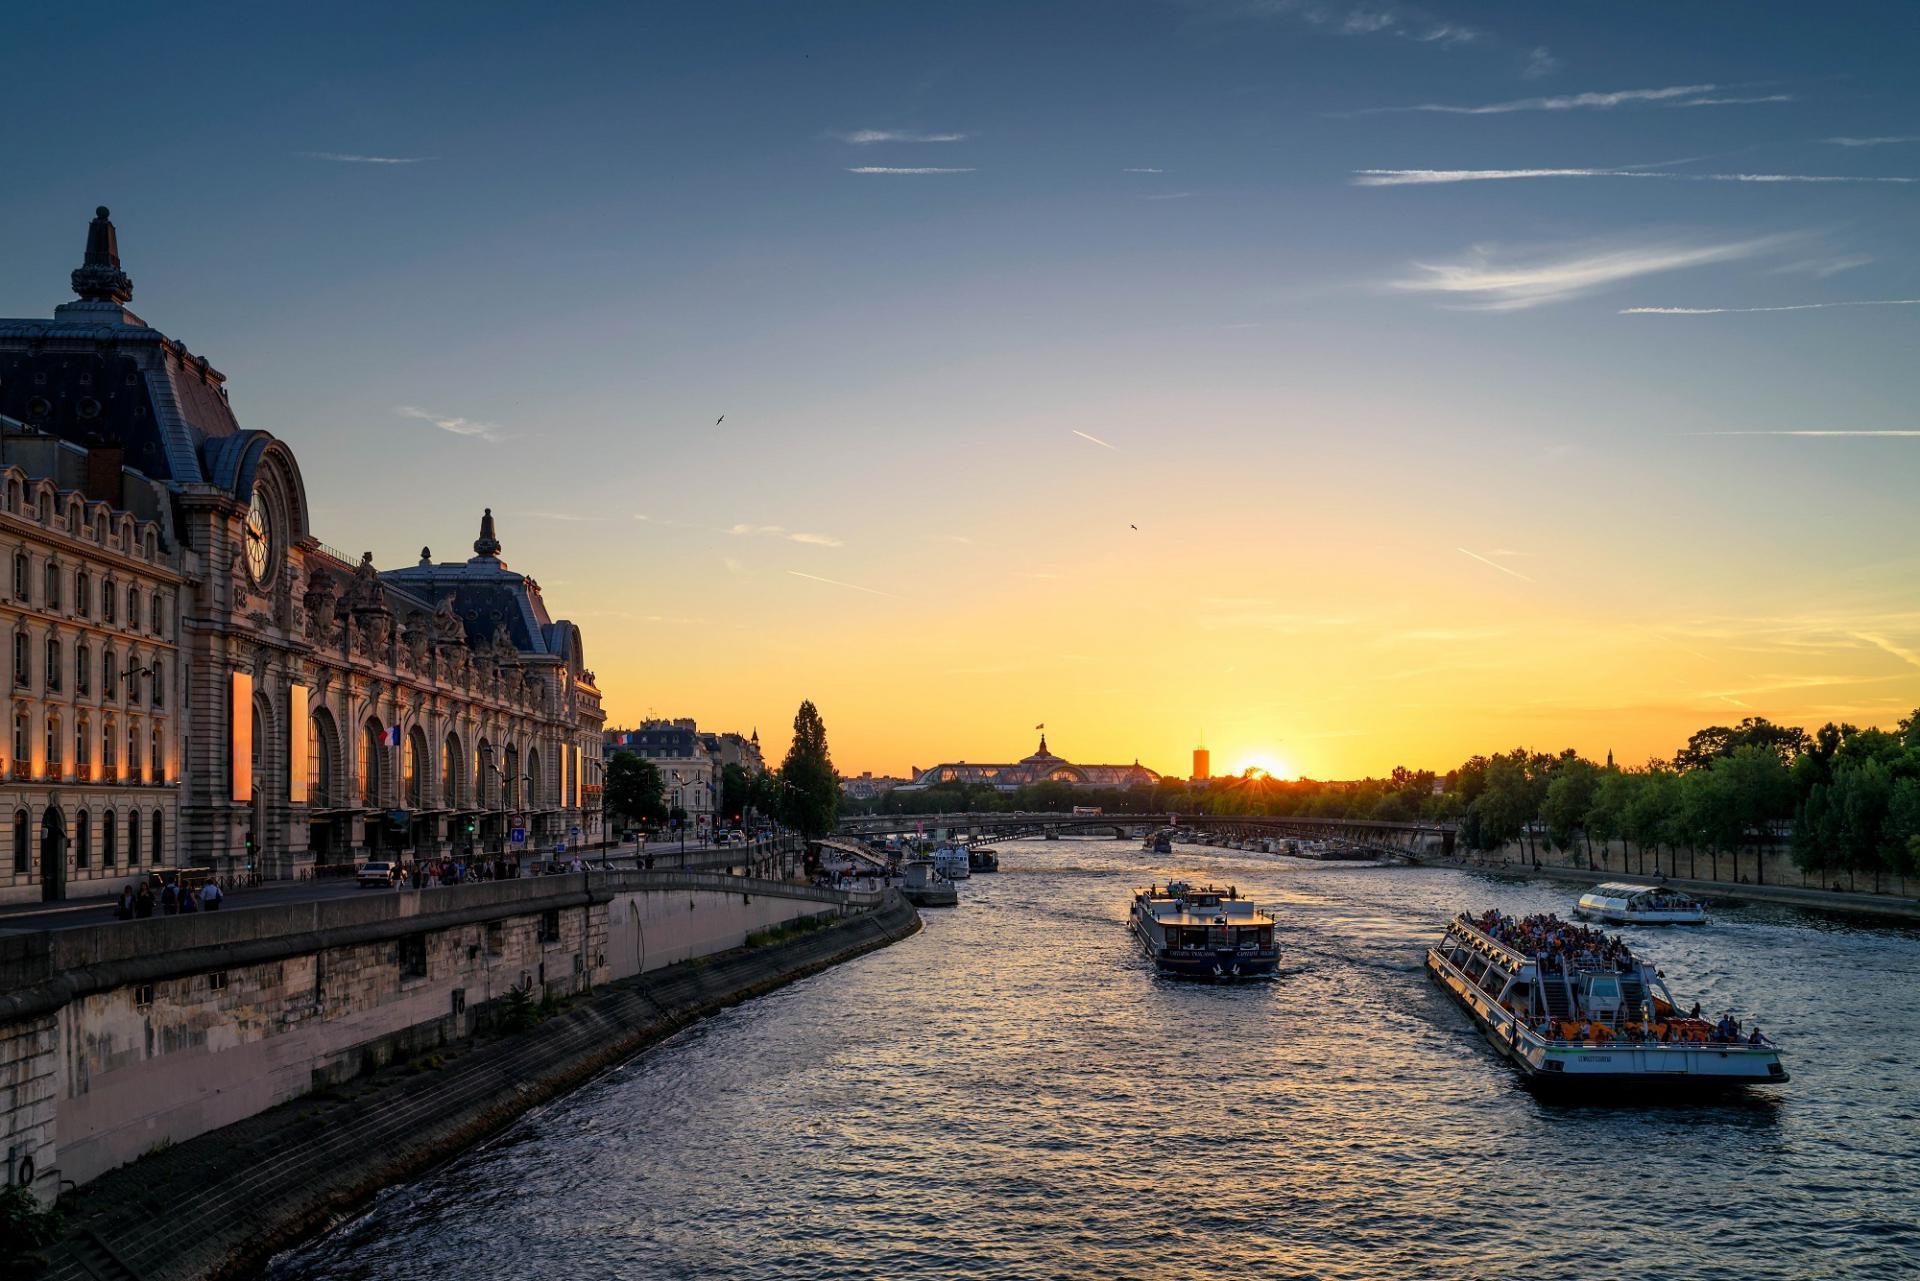 Séjour romantique dans la Ville lumière